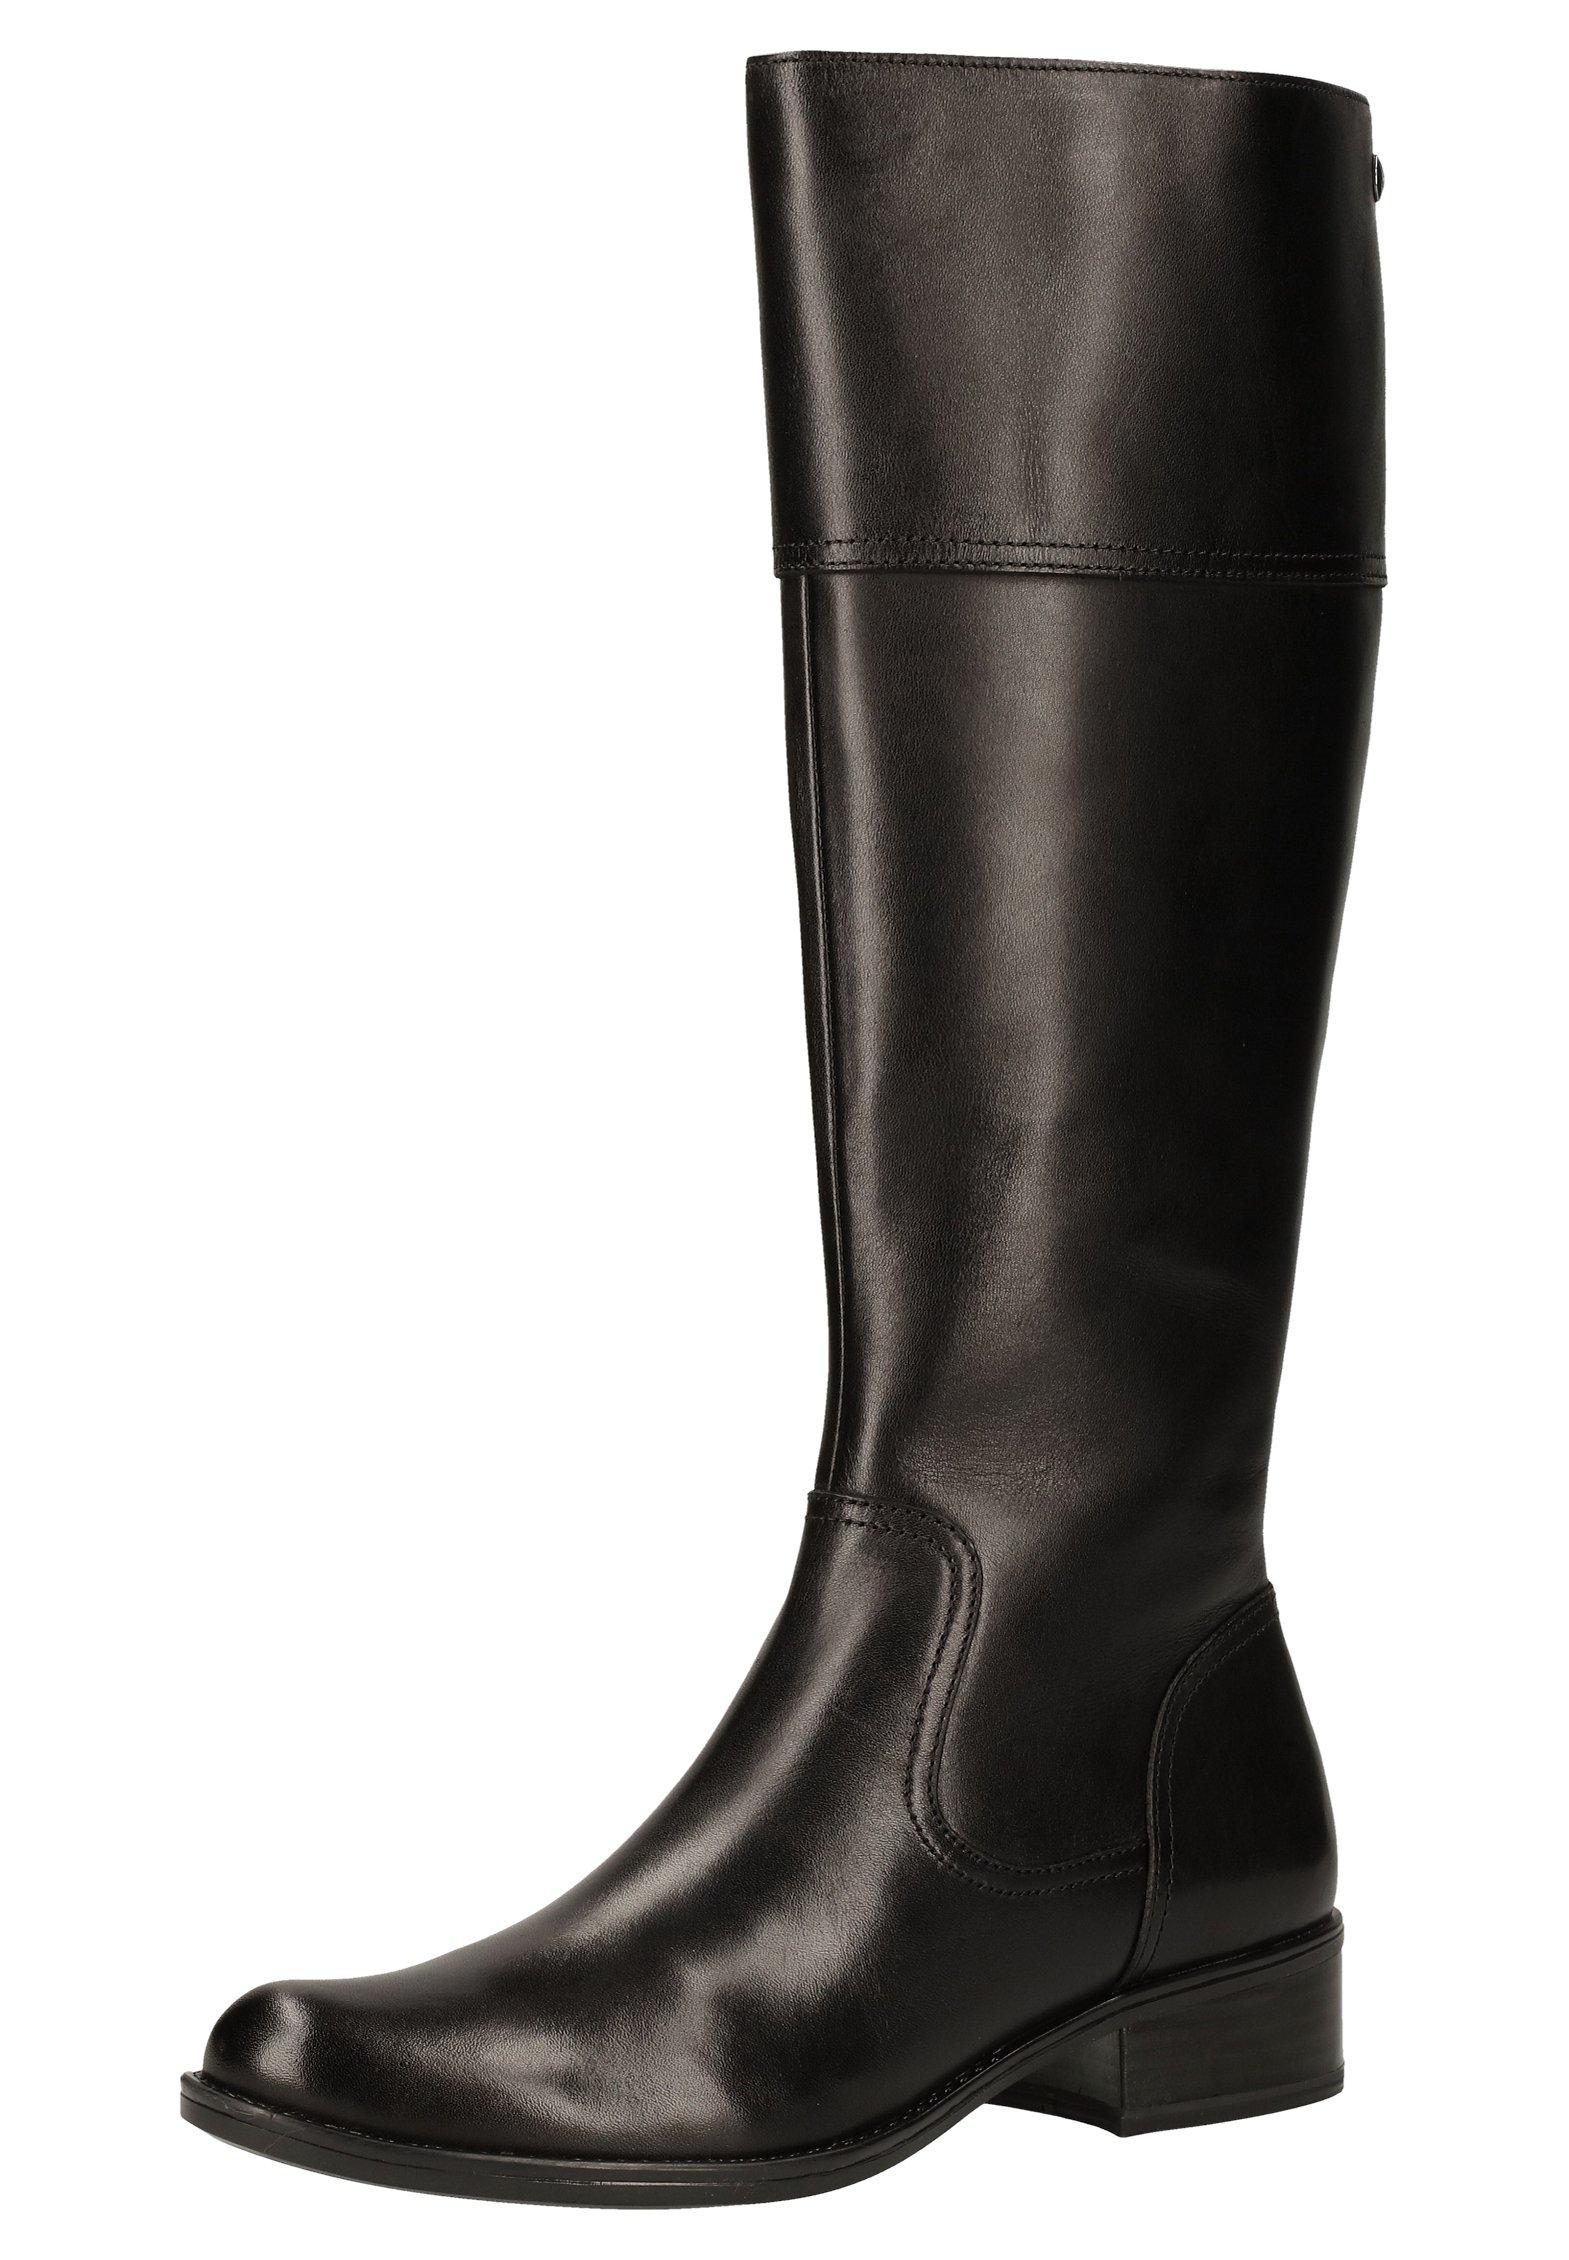 Caprice Stiefel black nappa/schwarz